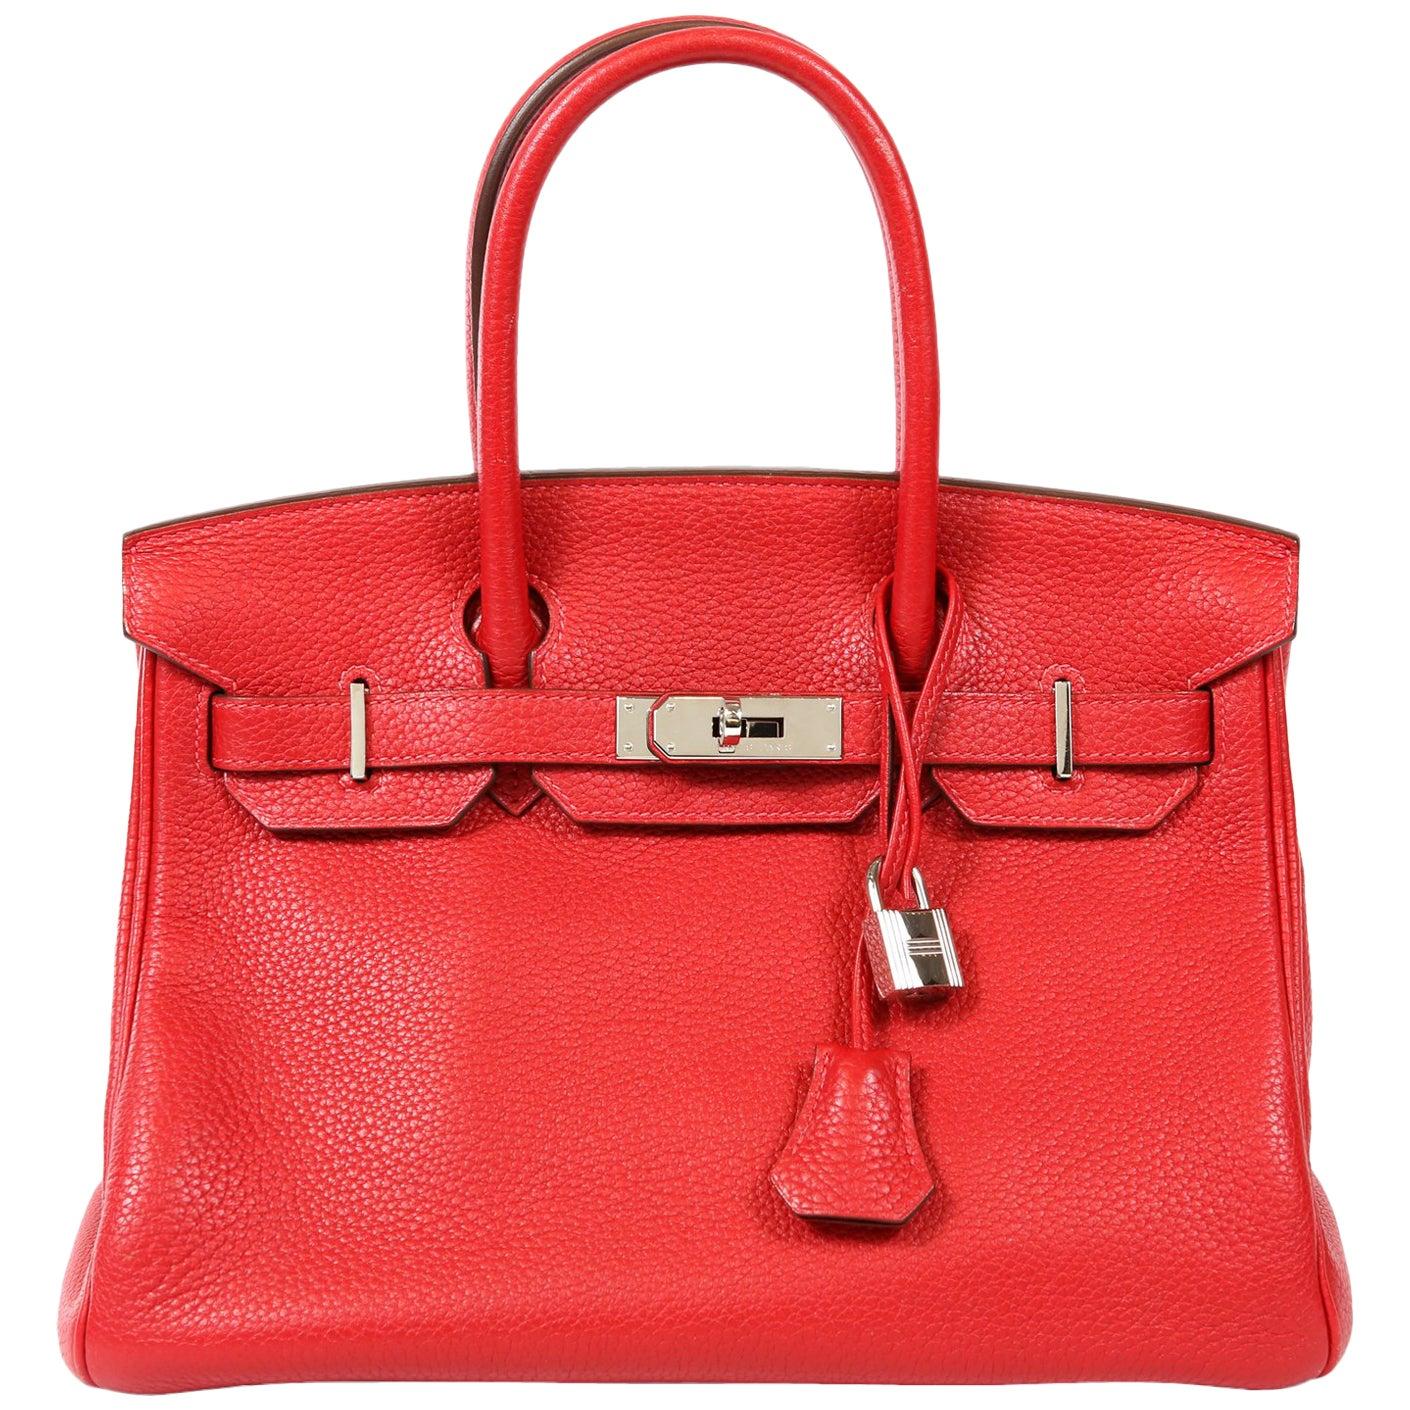 Hermès Rouge H Togo 30 cm Birkin Bag- Palladium Hardware